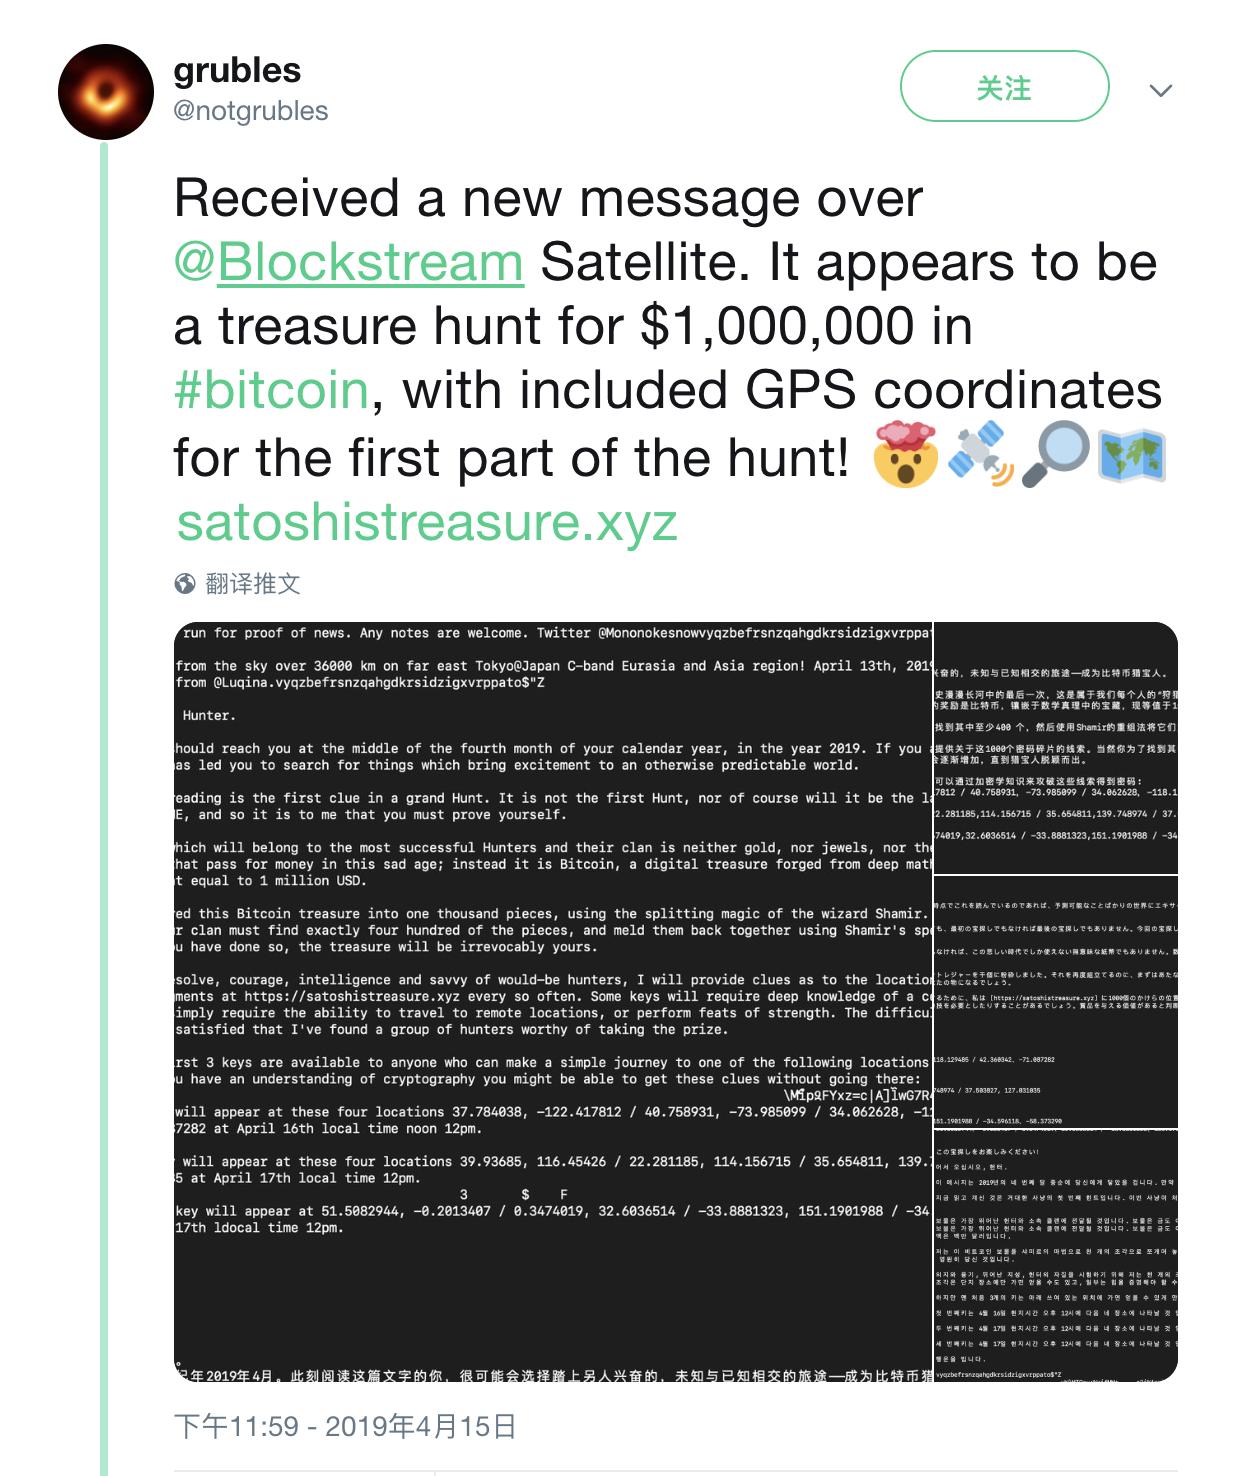 推特大V都在组队寻找百万美元的「中本聪宝藏」到底是啥?